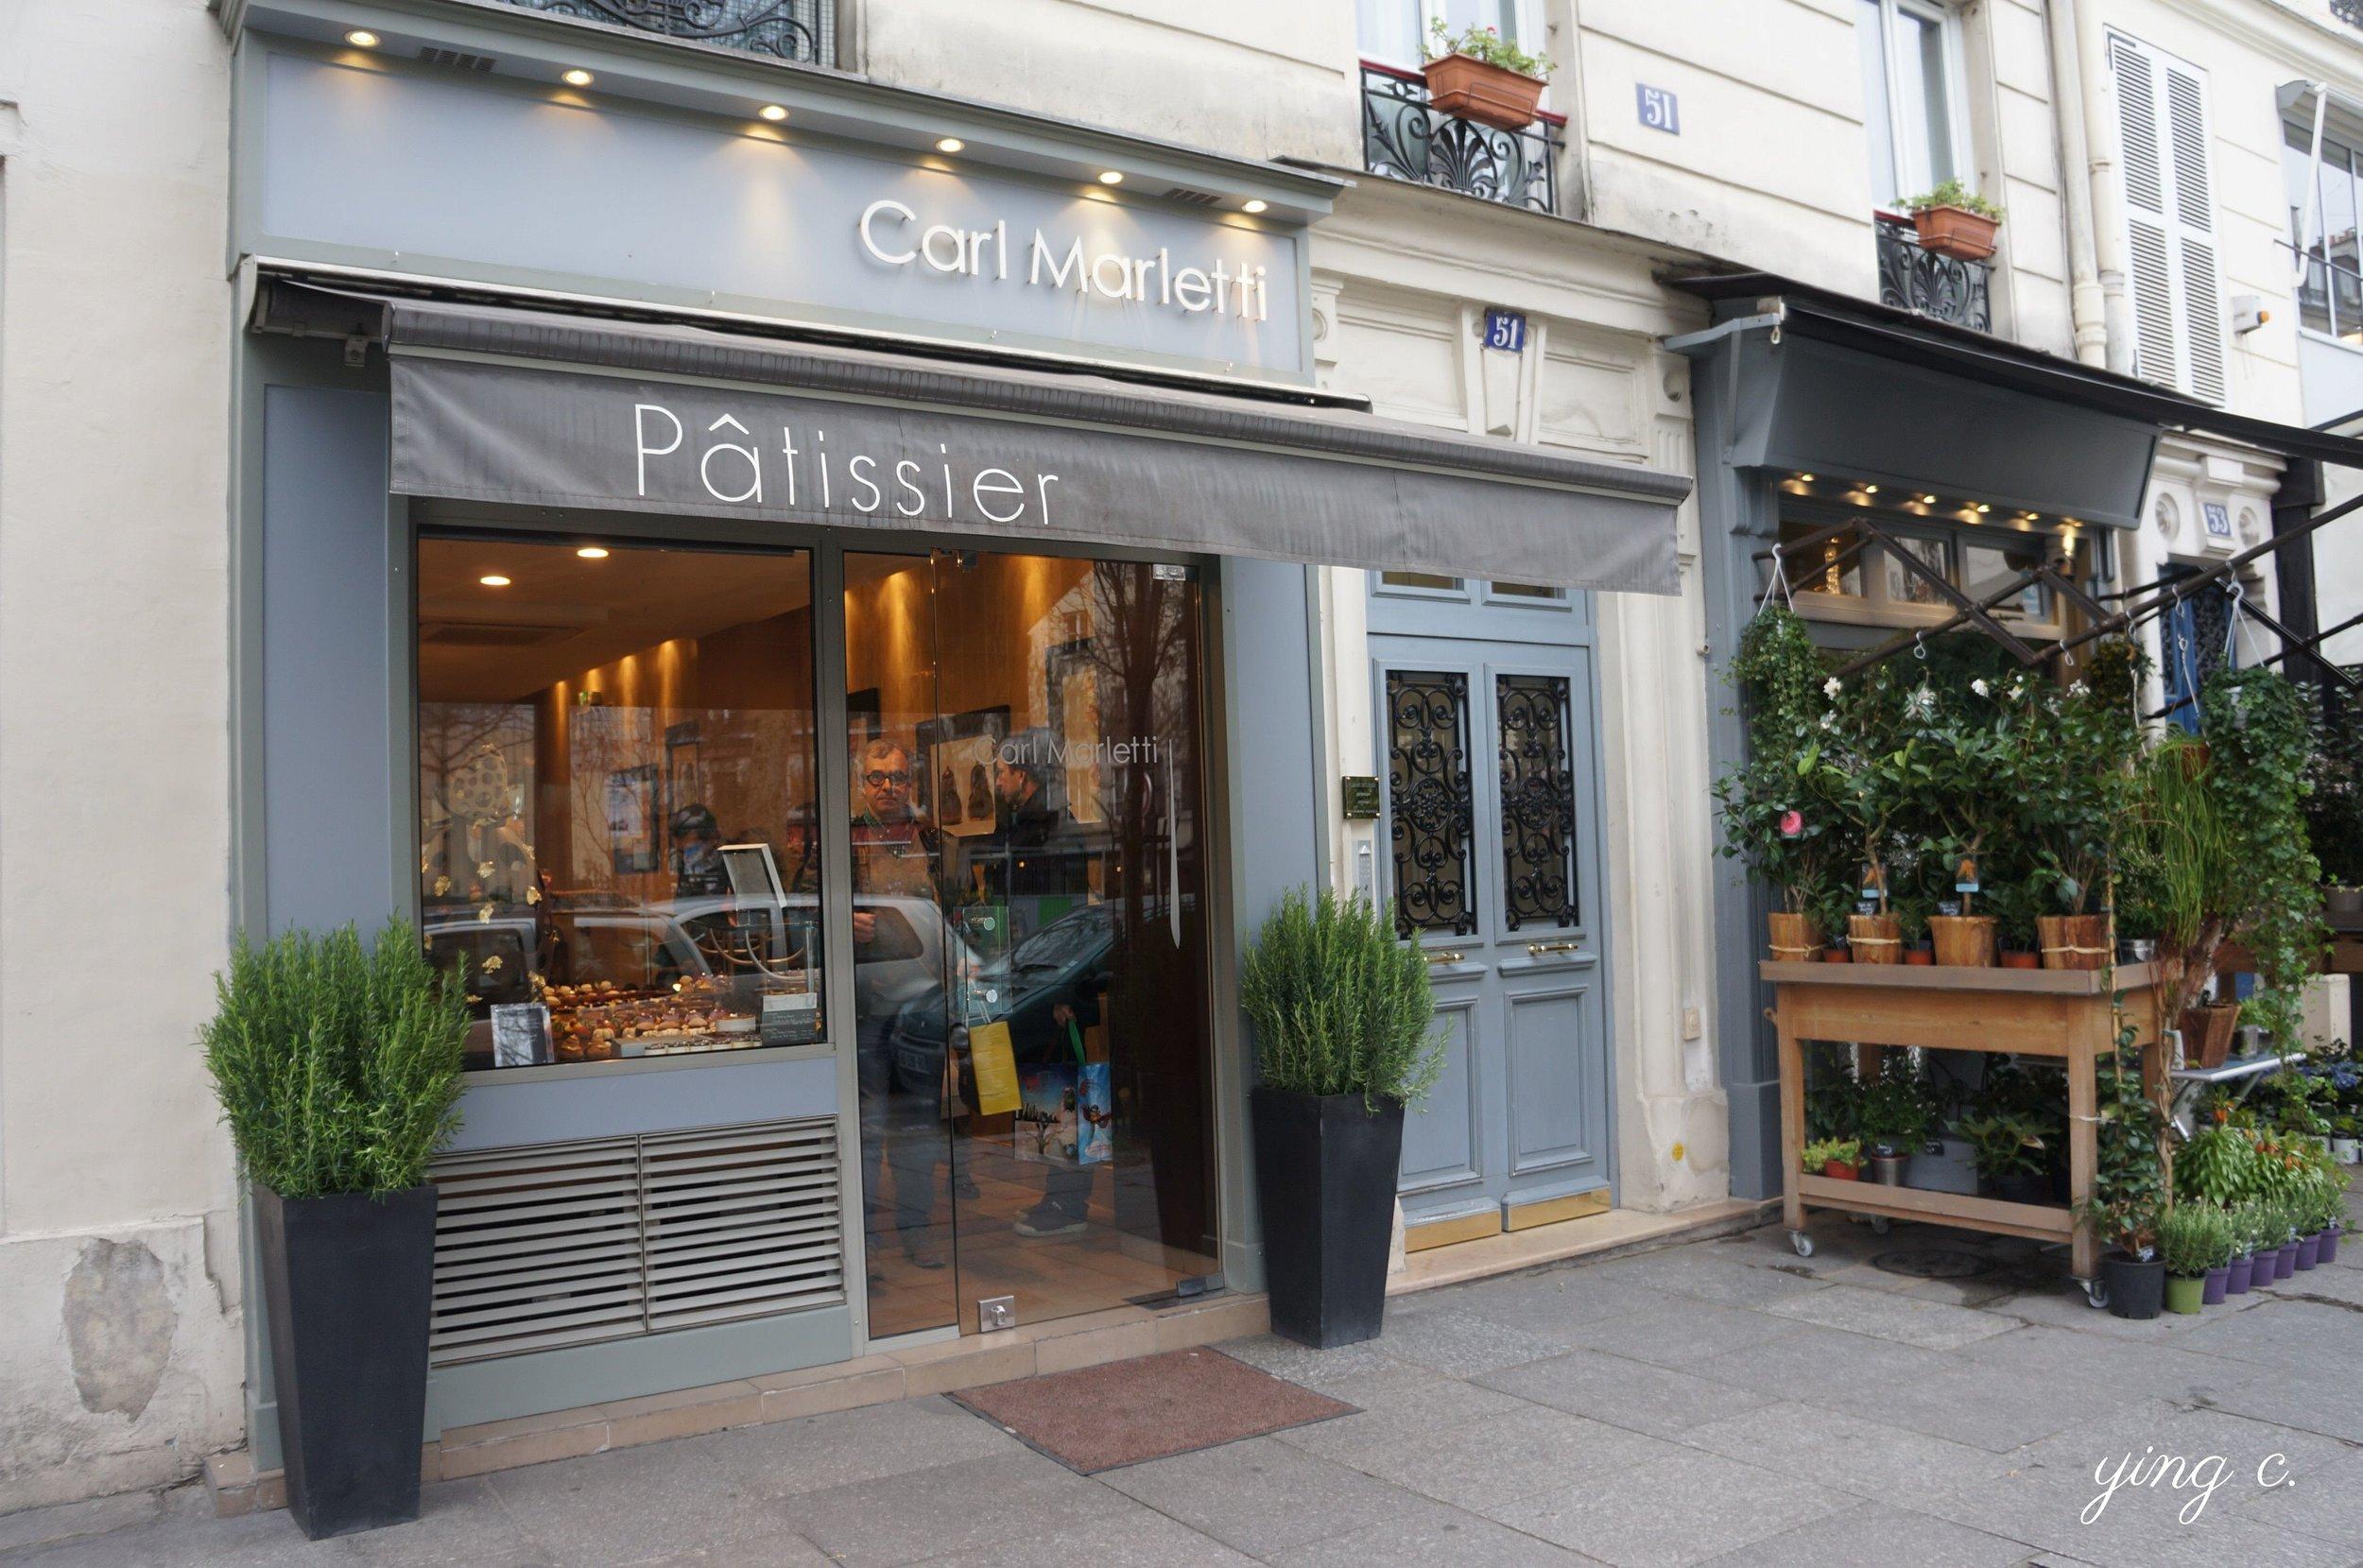 圖1:以甜點師本人為名的甜點店在巴黎不在少數。圖為位於巴黎五區的甜點店 Carl Marletti。